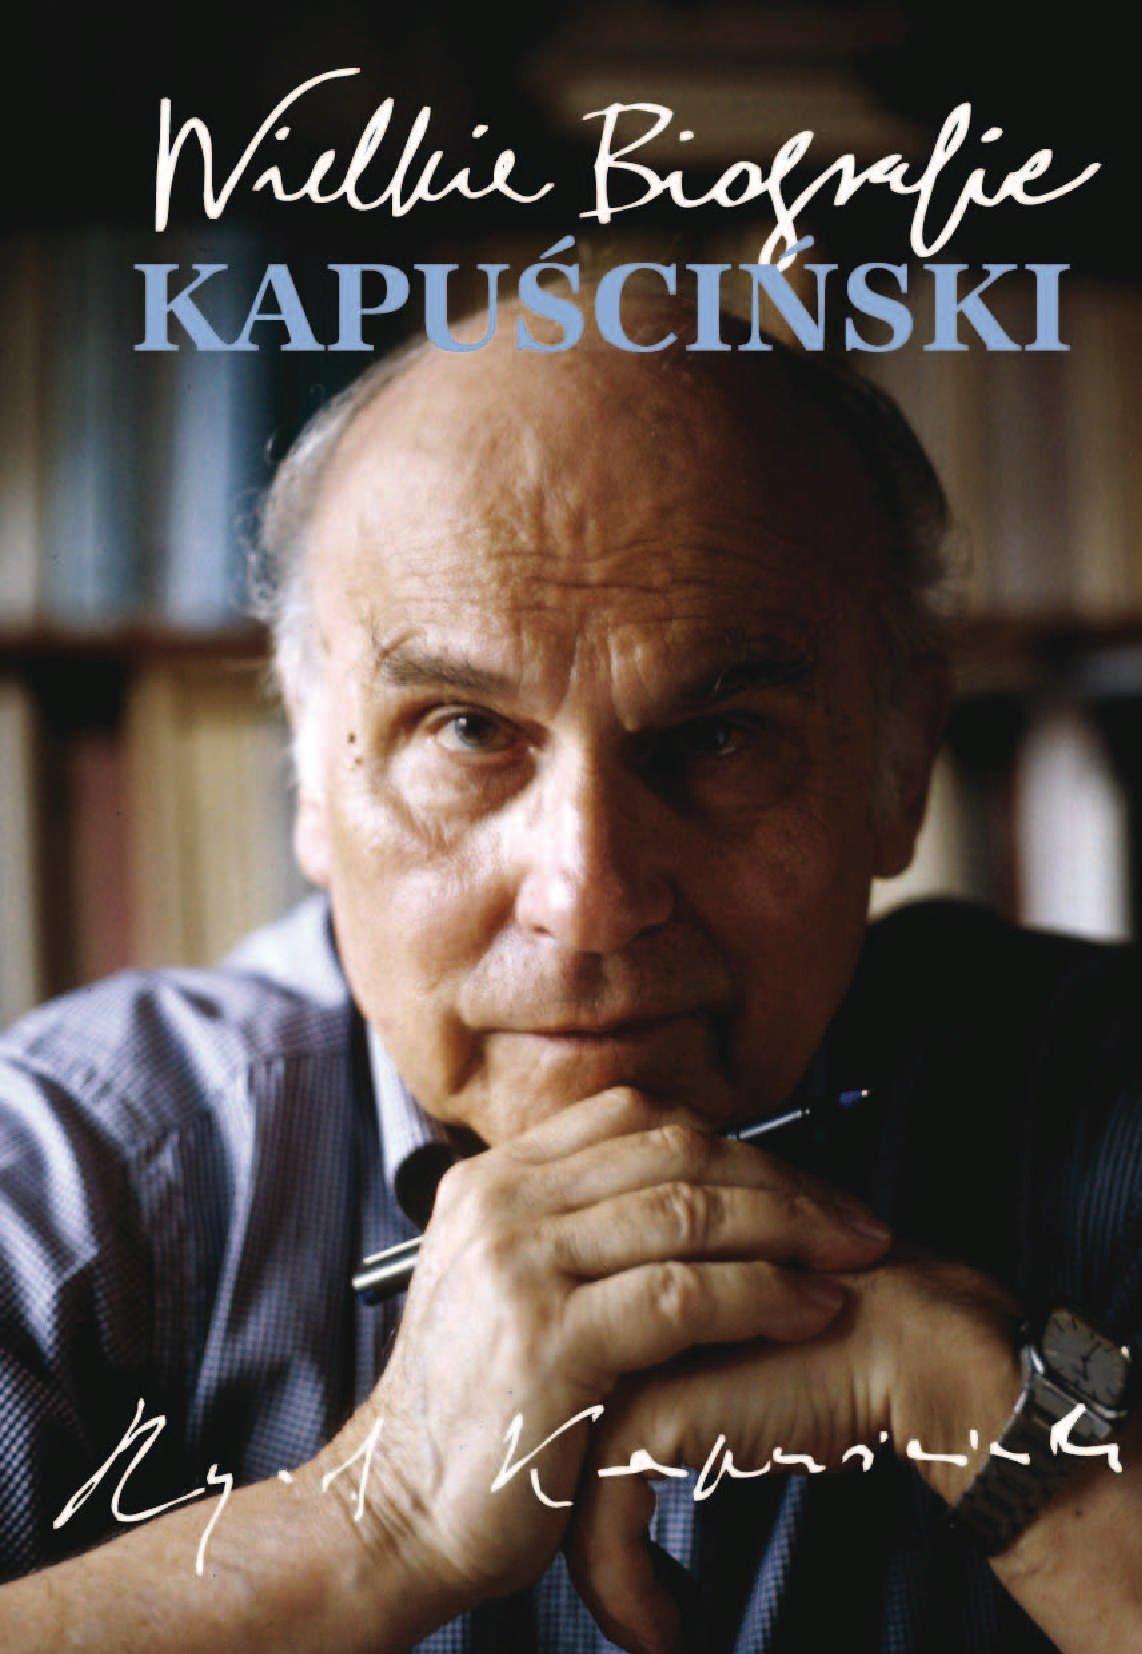 Kapuściński. Wielkie Biografie - Ebook (Książka na Kindle) do pobrania w formacie MOBI